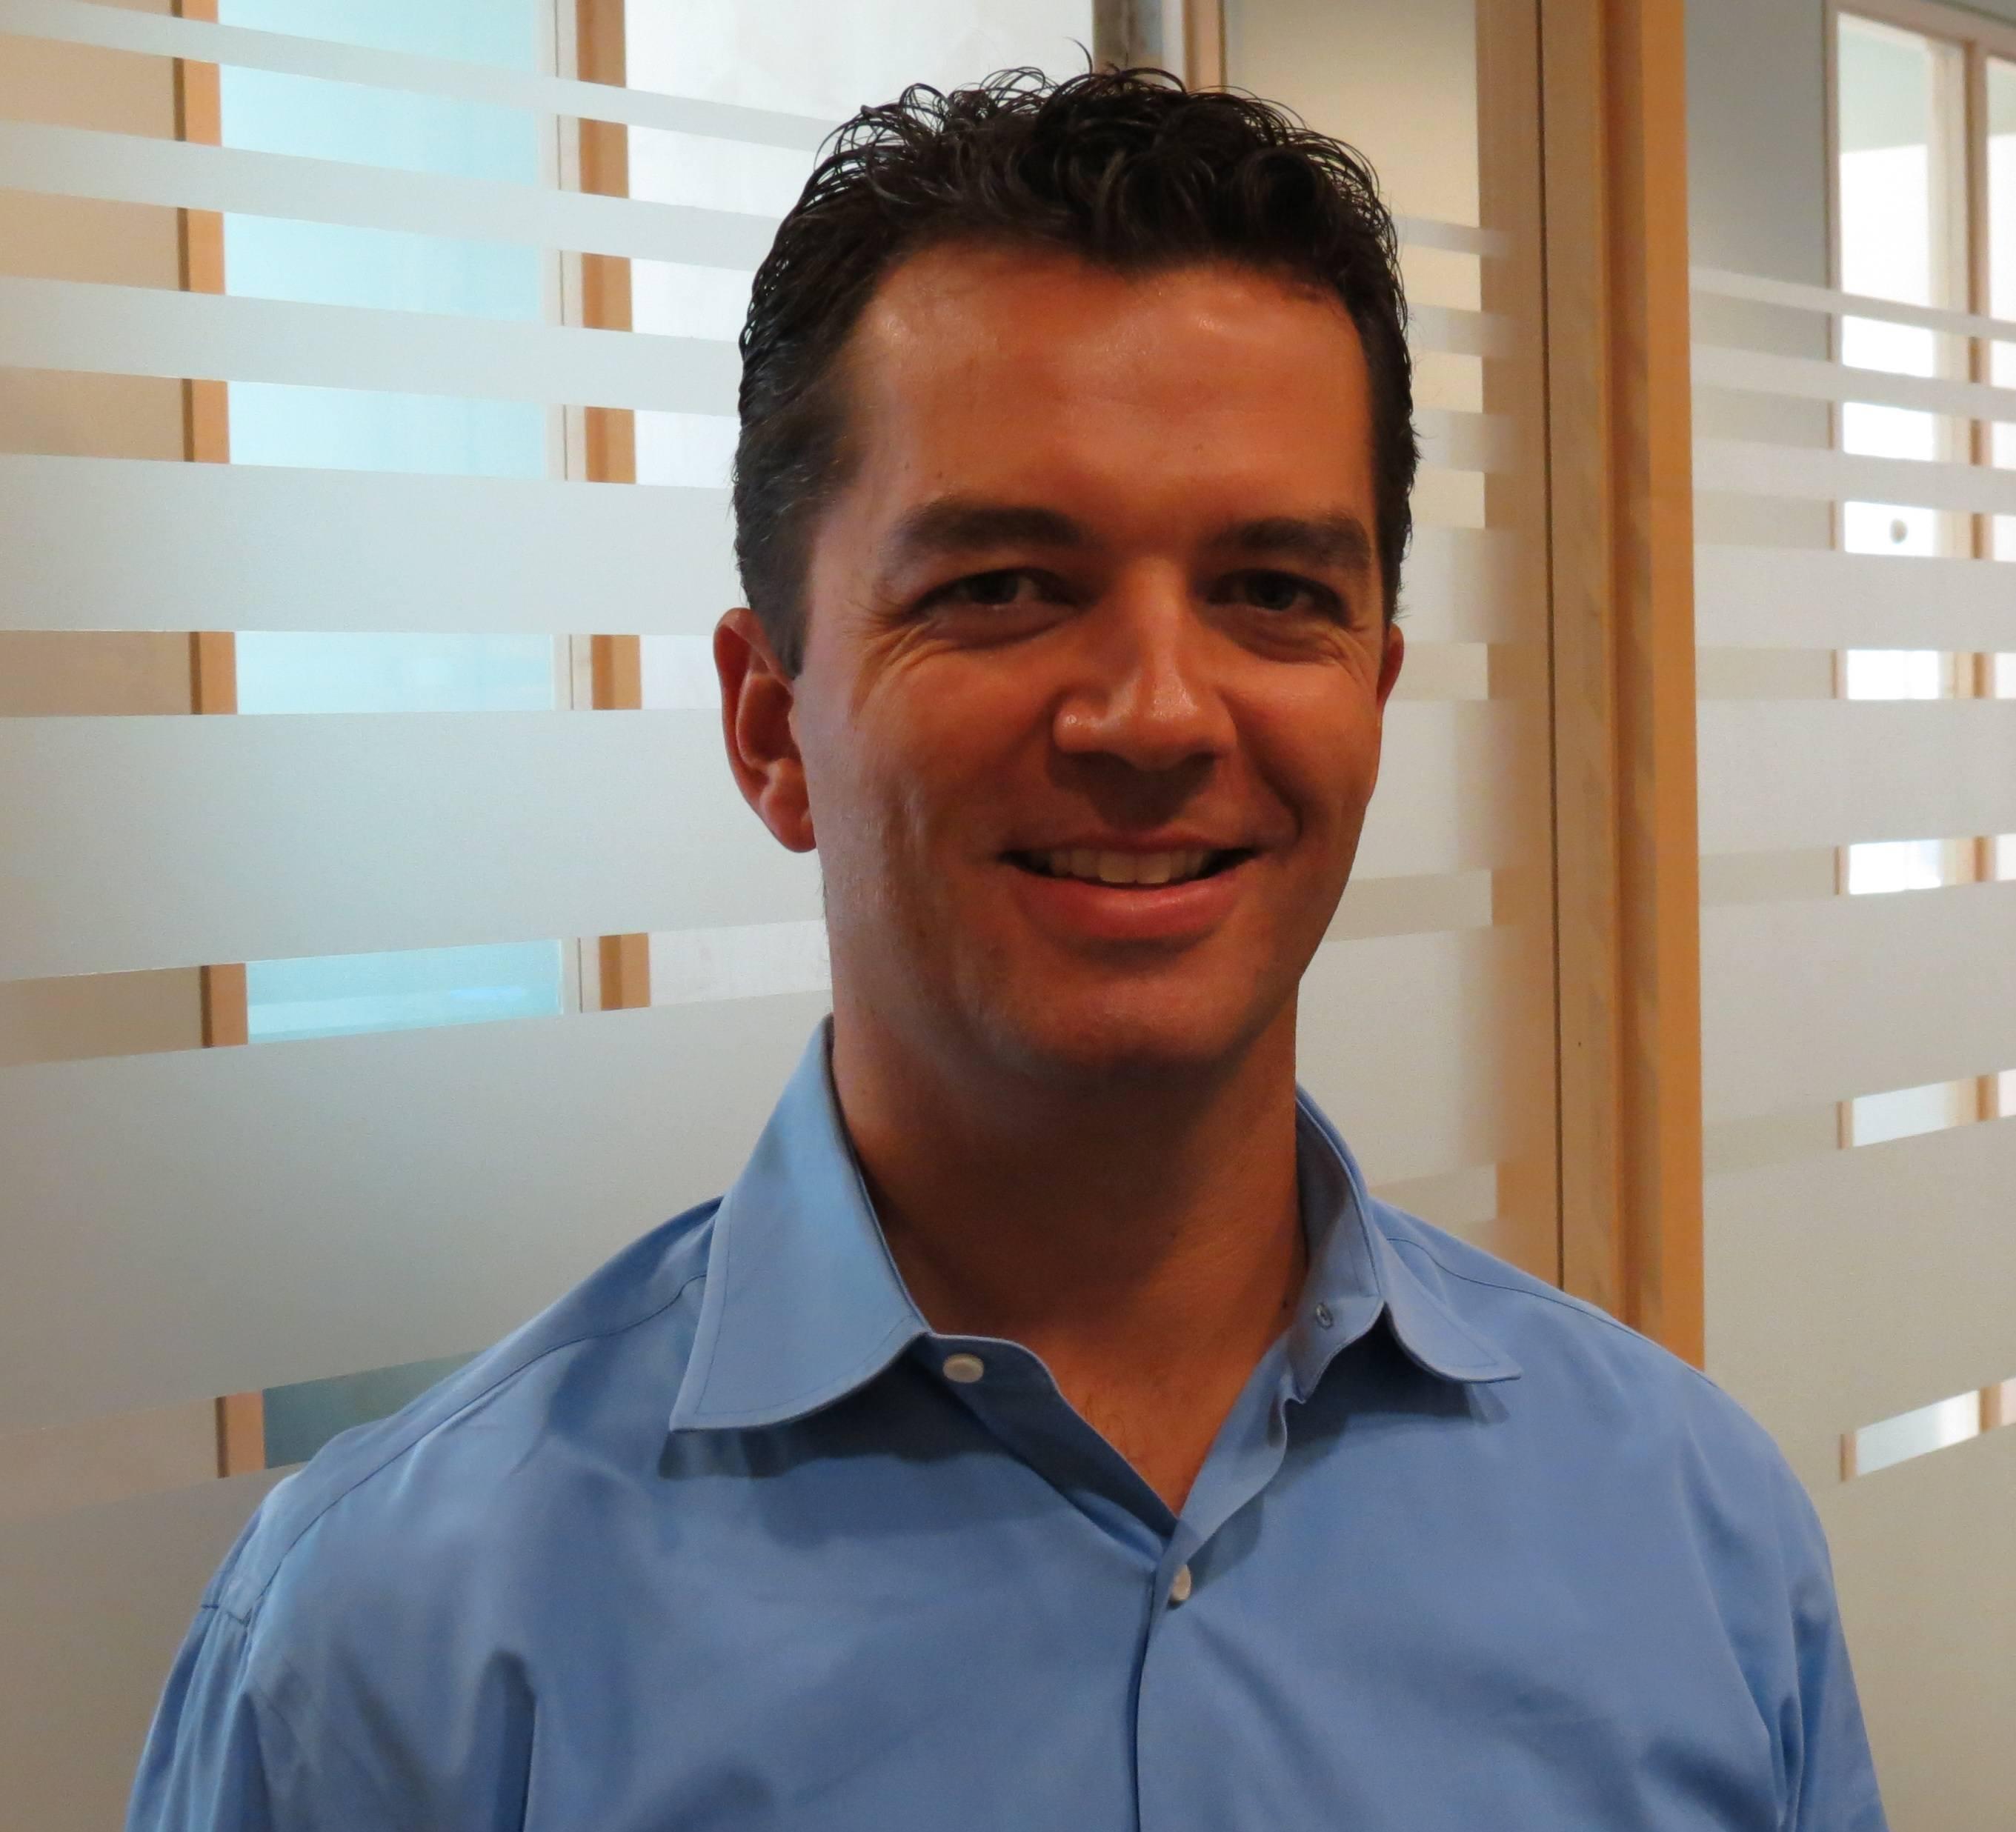 Derek Gooderham, Arcos Technologies